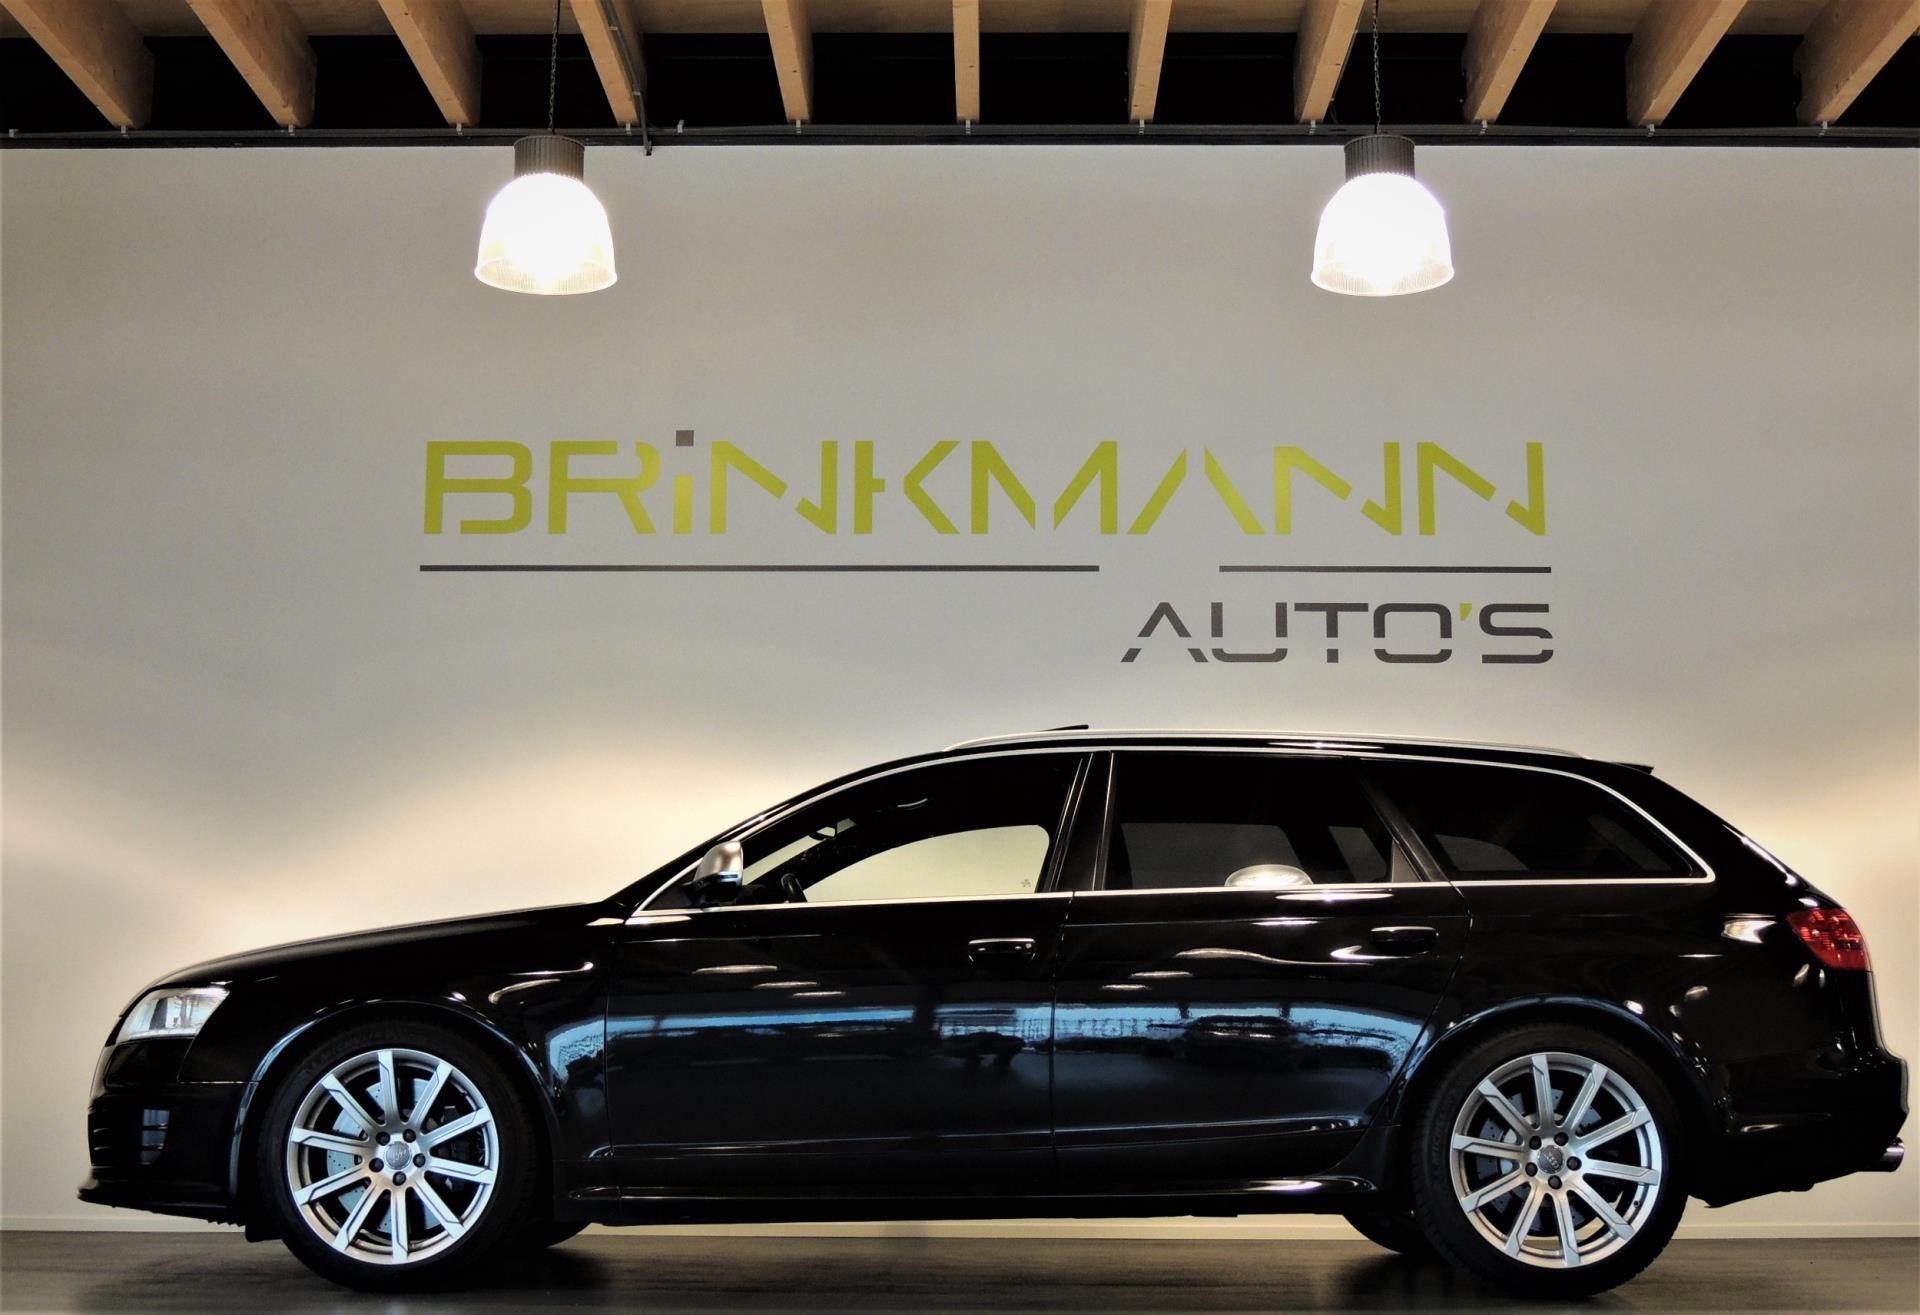 Audi RS6 Avant occasion - Brinkmann Auto's